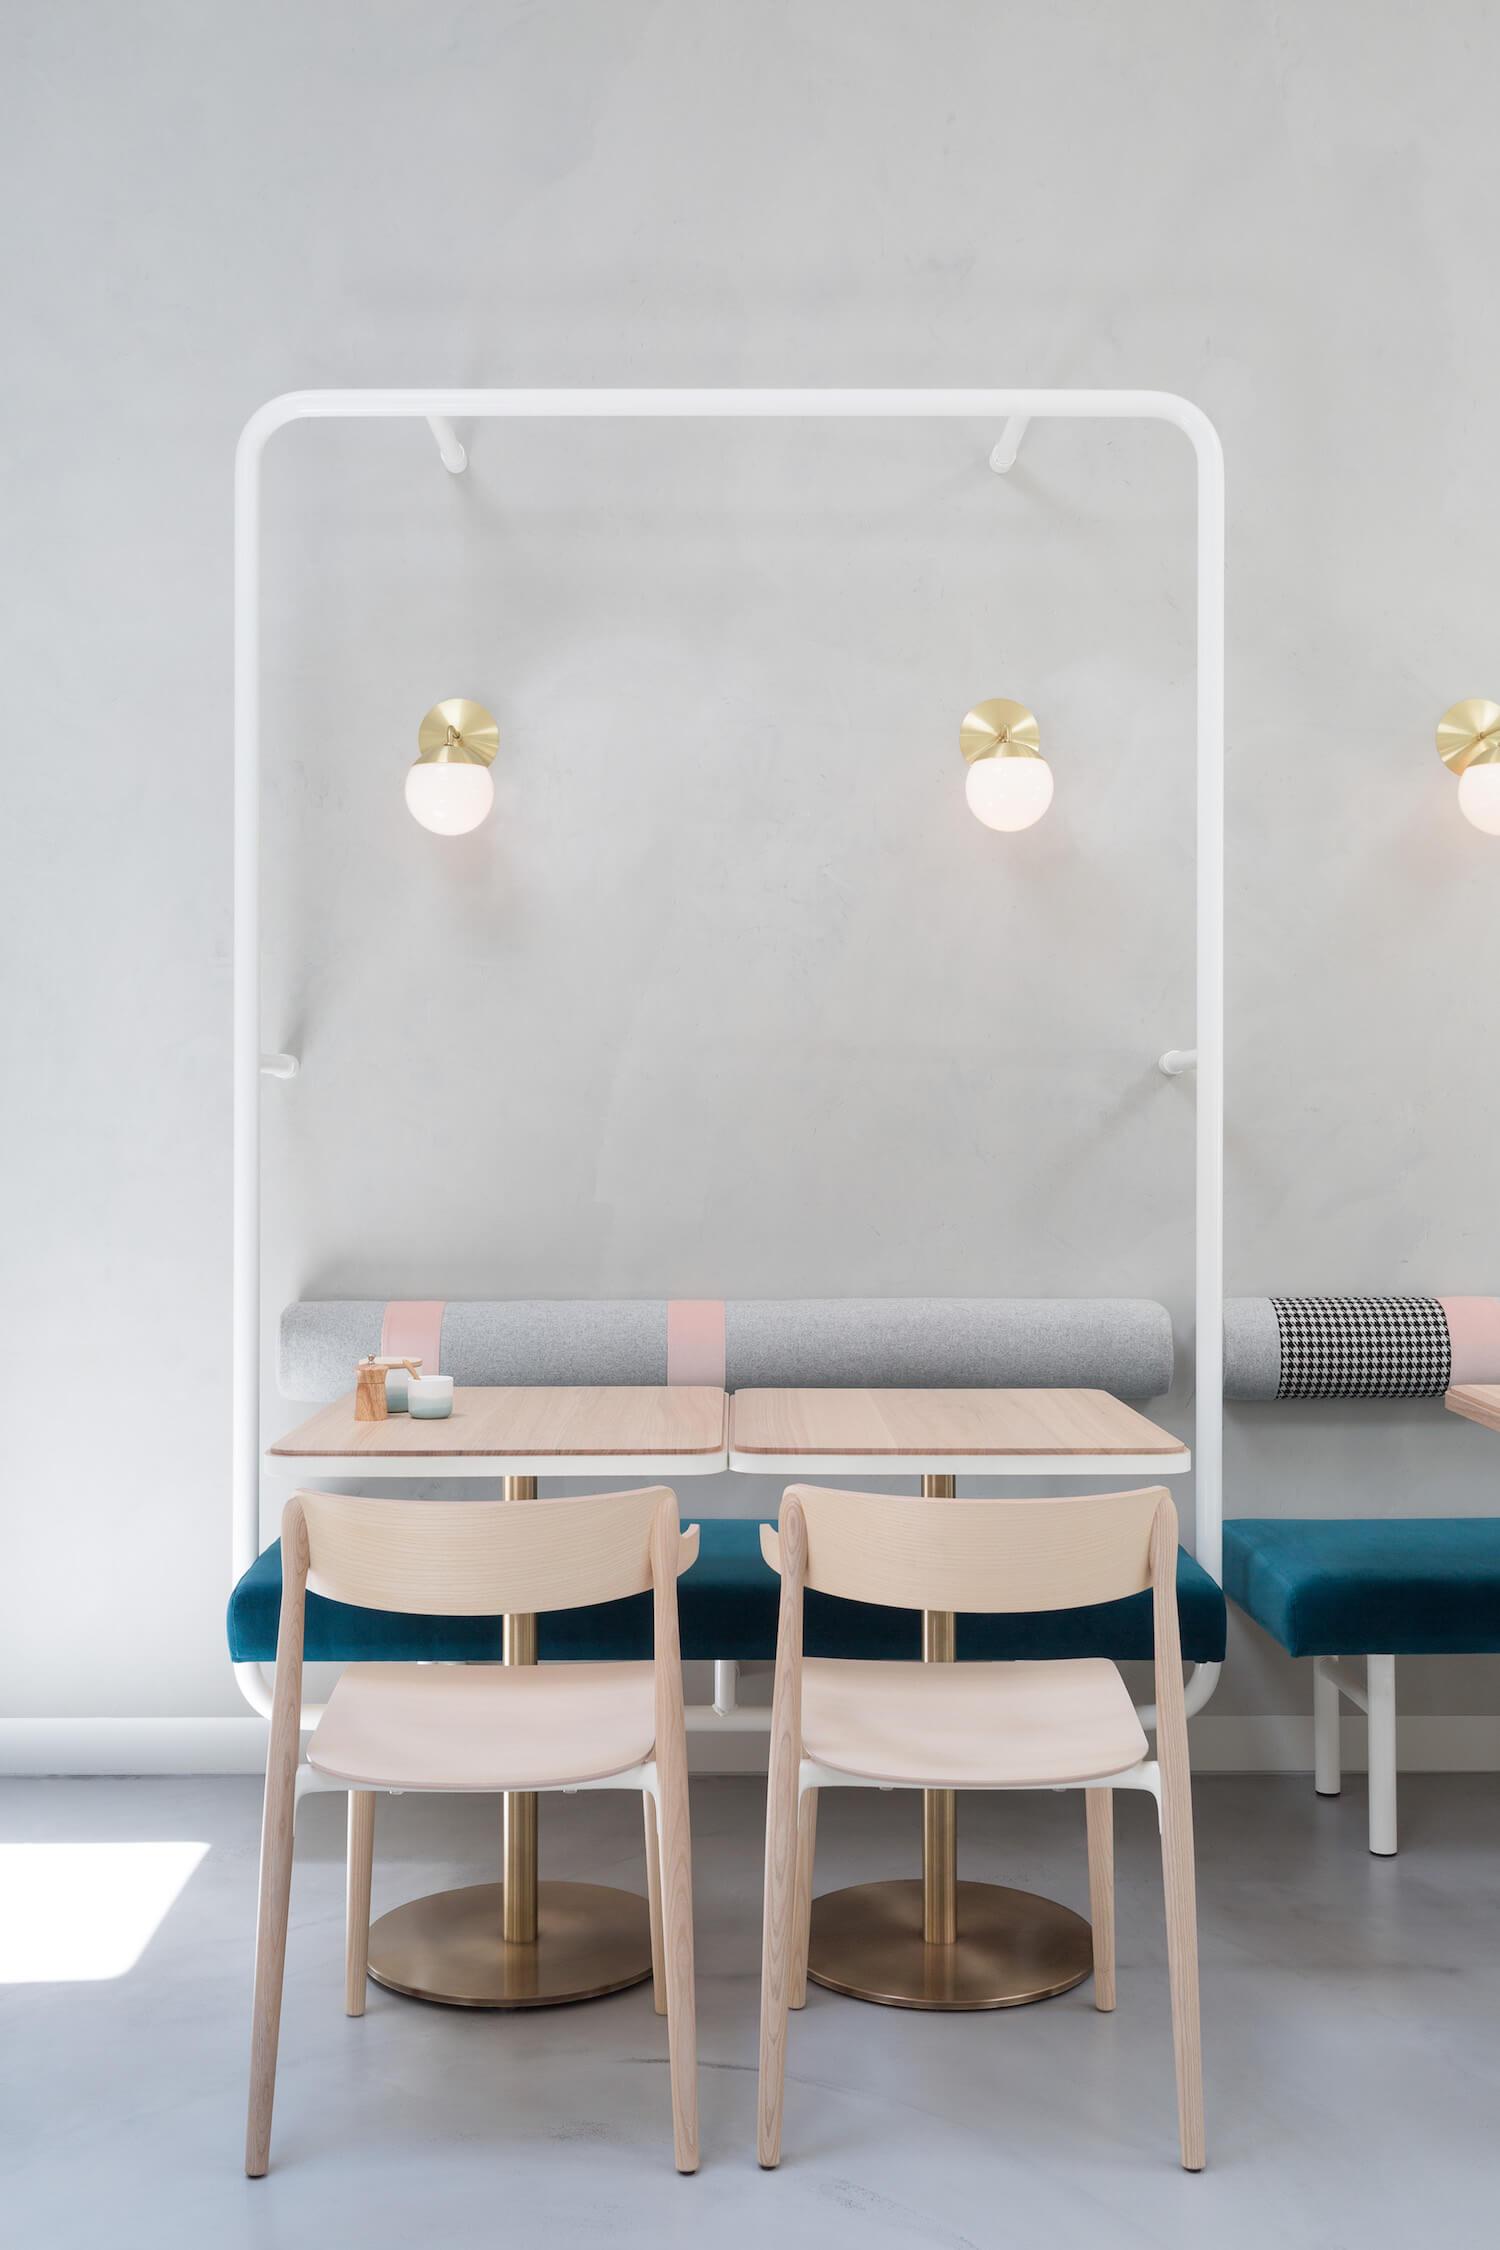 est living design covet biasol no 19 14